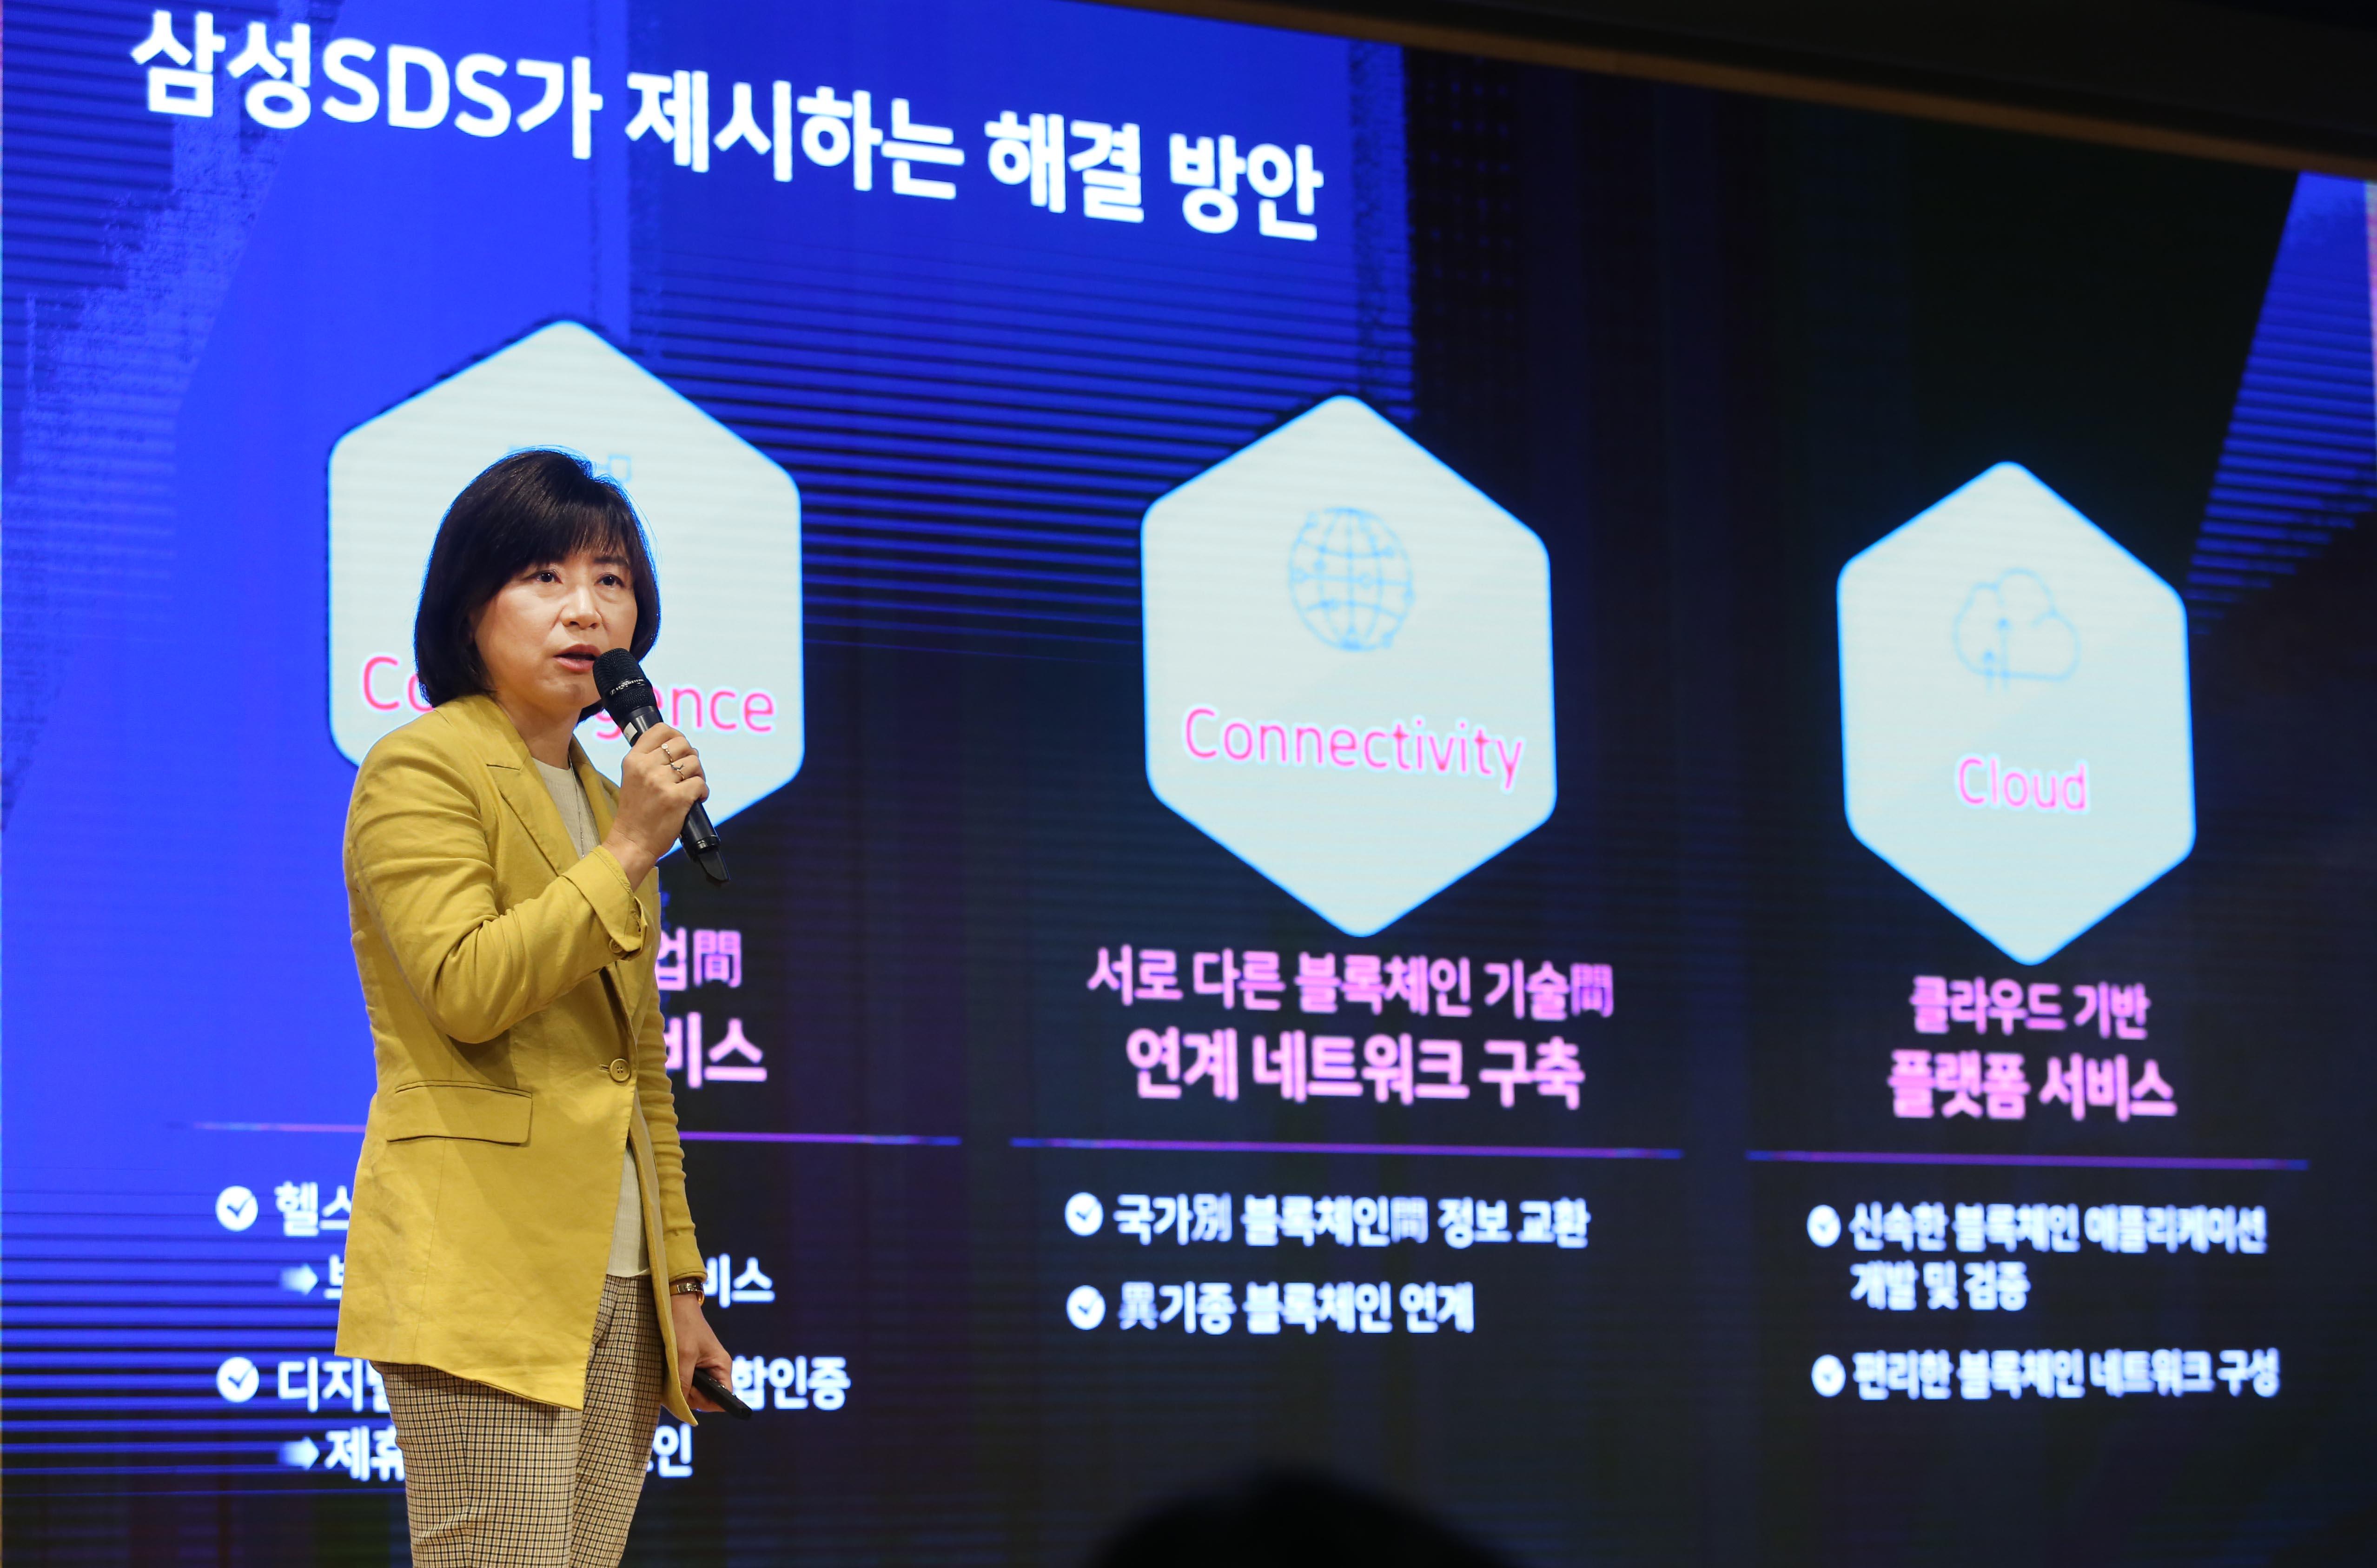 ▲ 삼성SDS 블록체인센터장 홍혜진 전무가 블록체인 미디어데이에서 블록체인 사업 방향을 설명하고 있다.